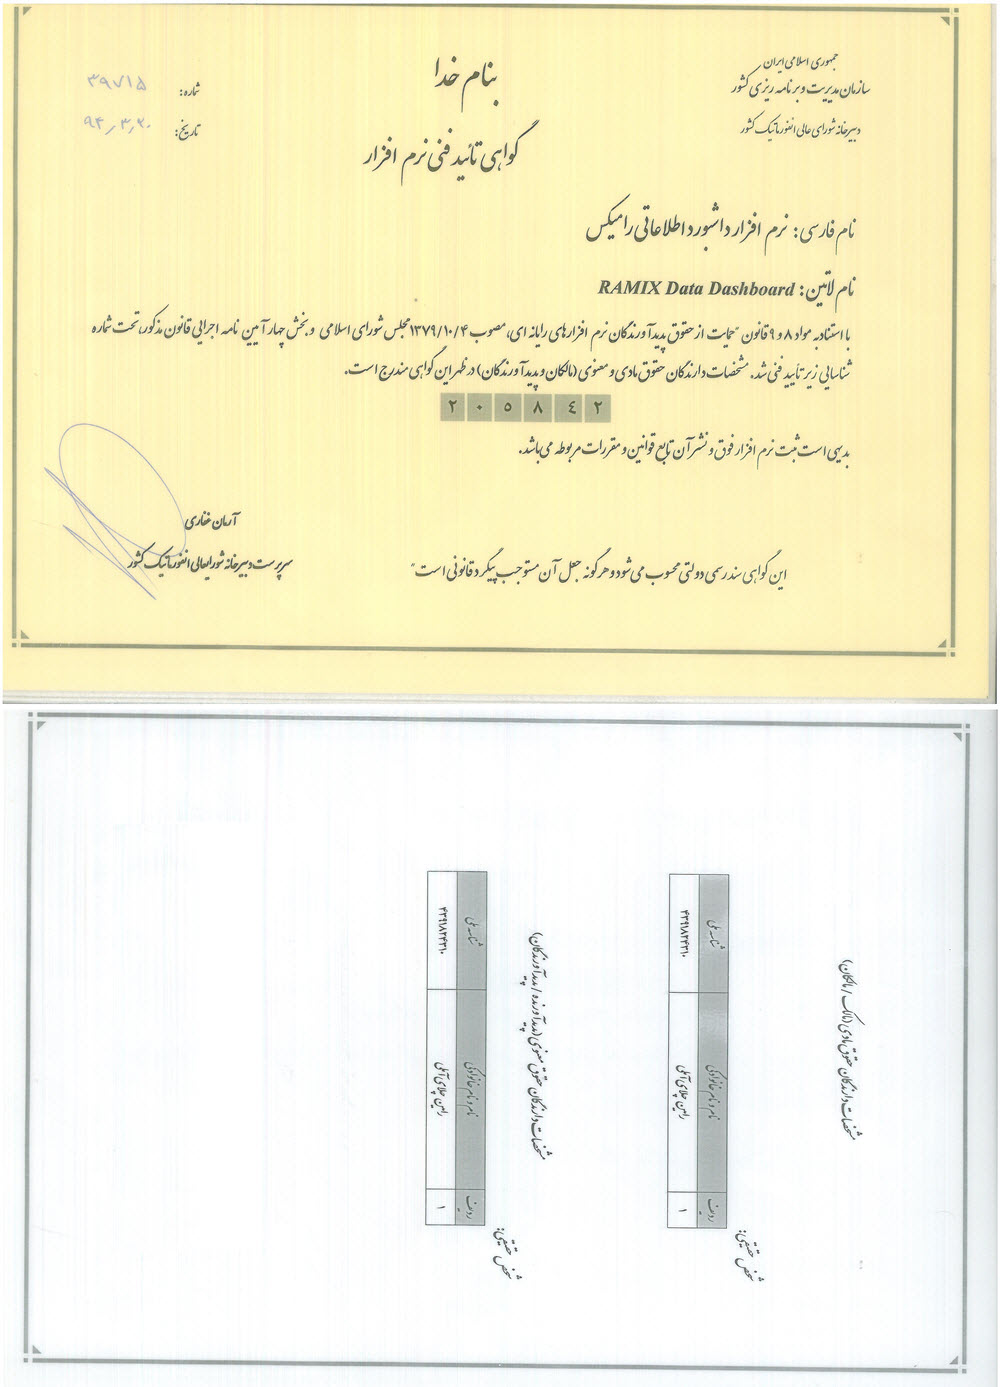 گواهی تاییده فنی شورای عالی انفورماتیک نرم افزار گزارش ساز و داشبورد ساز مدیریتی رامیکس Ramix